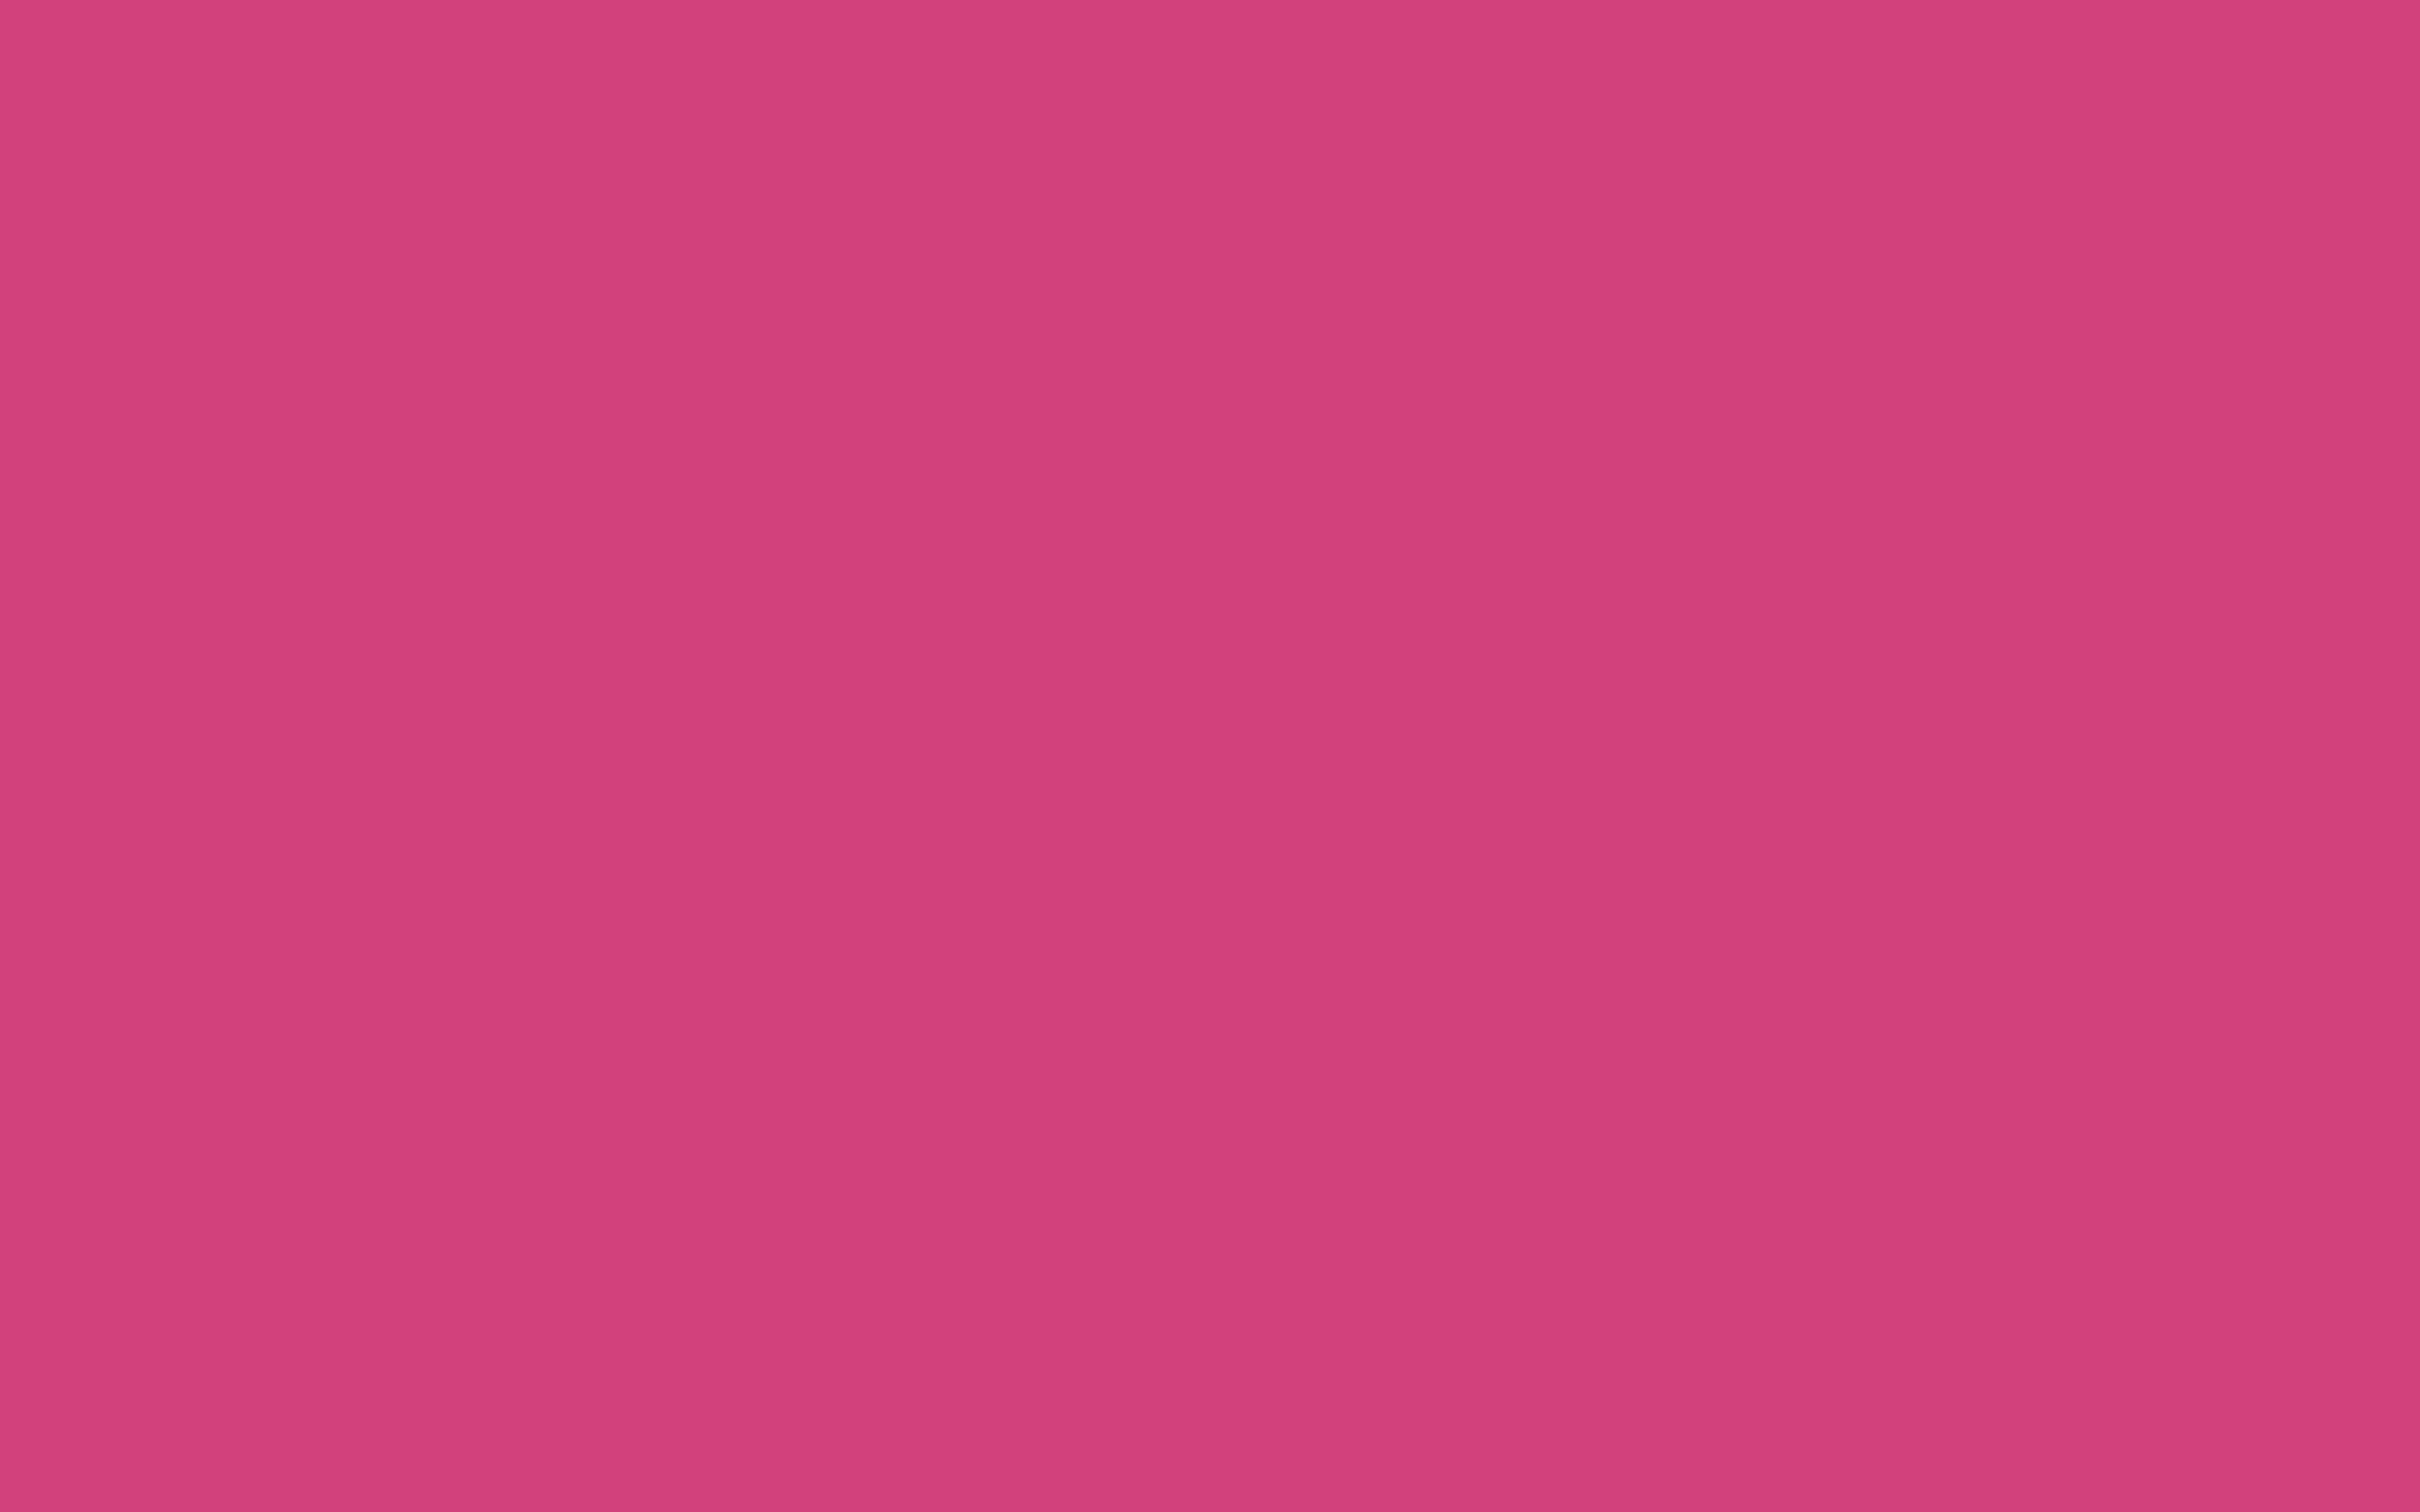 2560x1600 Magenta Pantone Solid Color Background